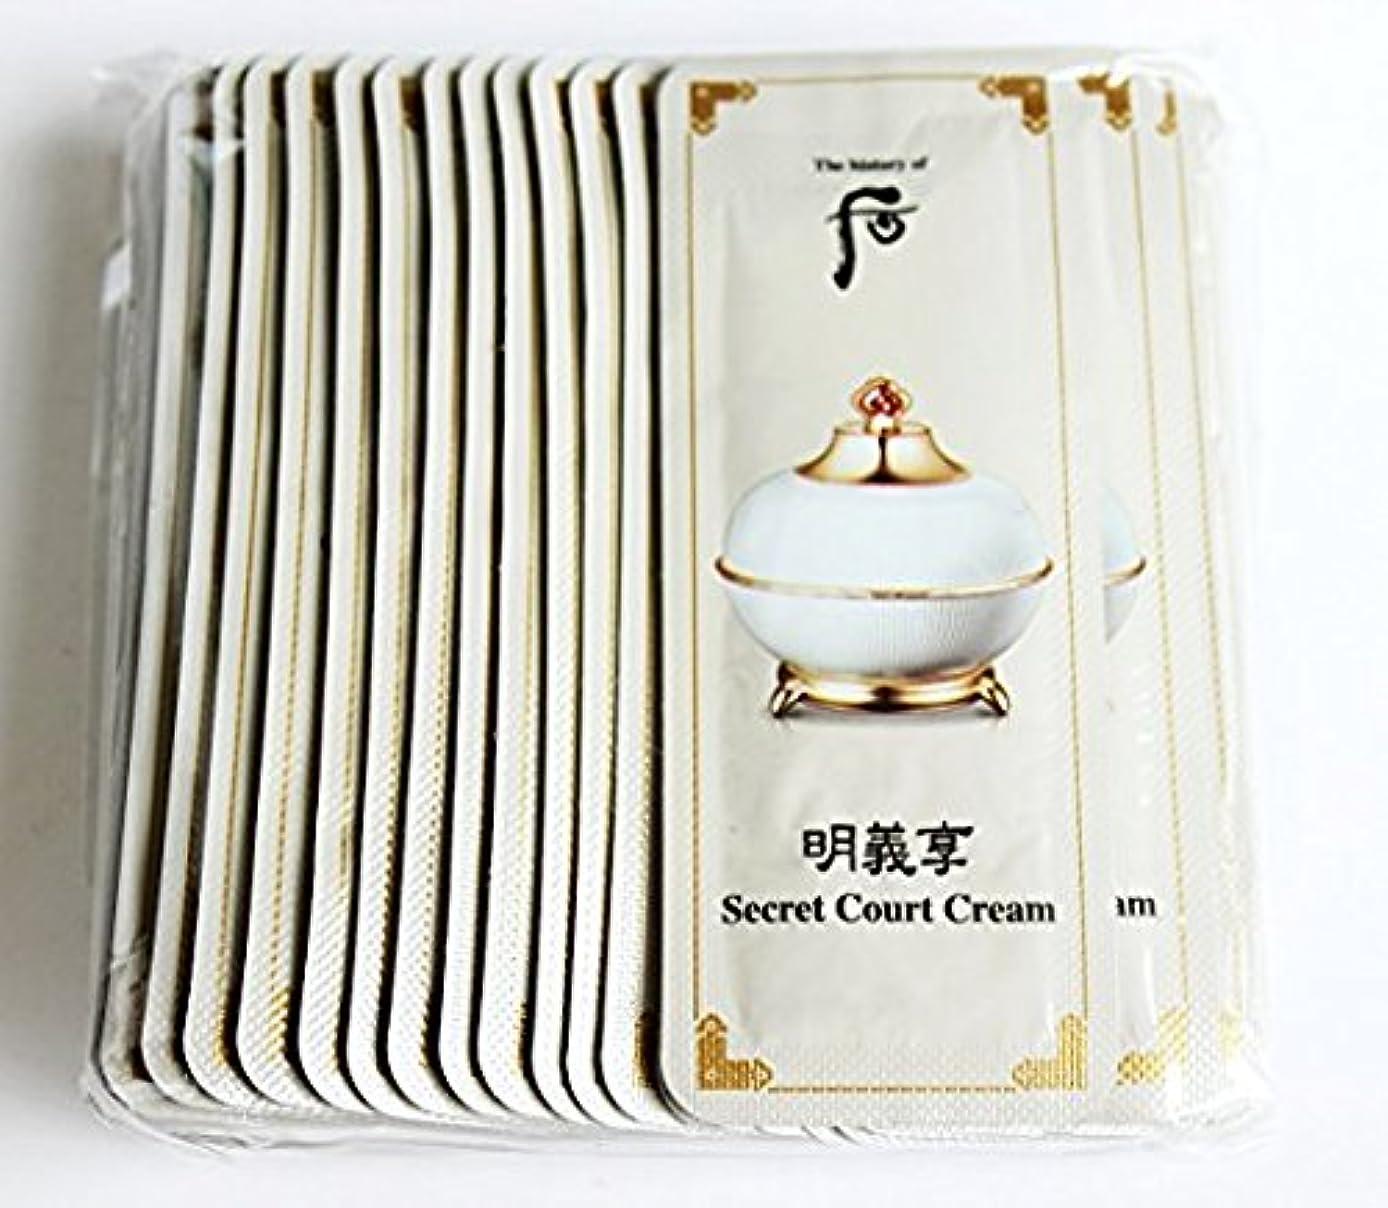 タイムリーなむき出し教科書The History of Whoo Myeonguihyanng Secret Court Cream [Sample 1ml × 30ea]/ザ ヒストリー オブ フー(后) 明義享 シークレット コート クリーム [サンプル 1ml × 30枚]